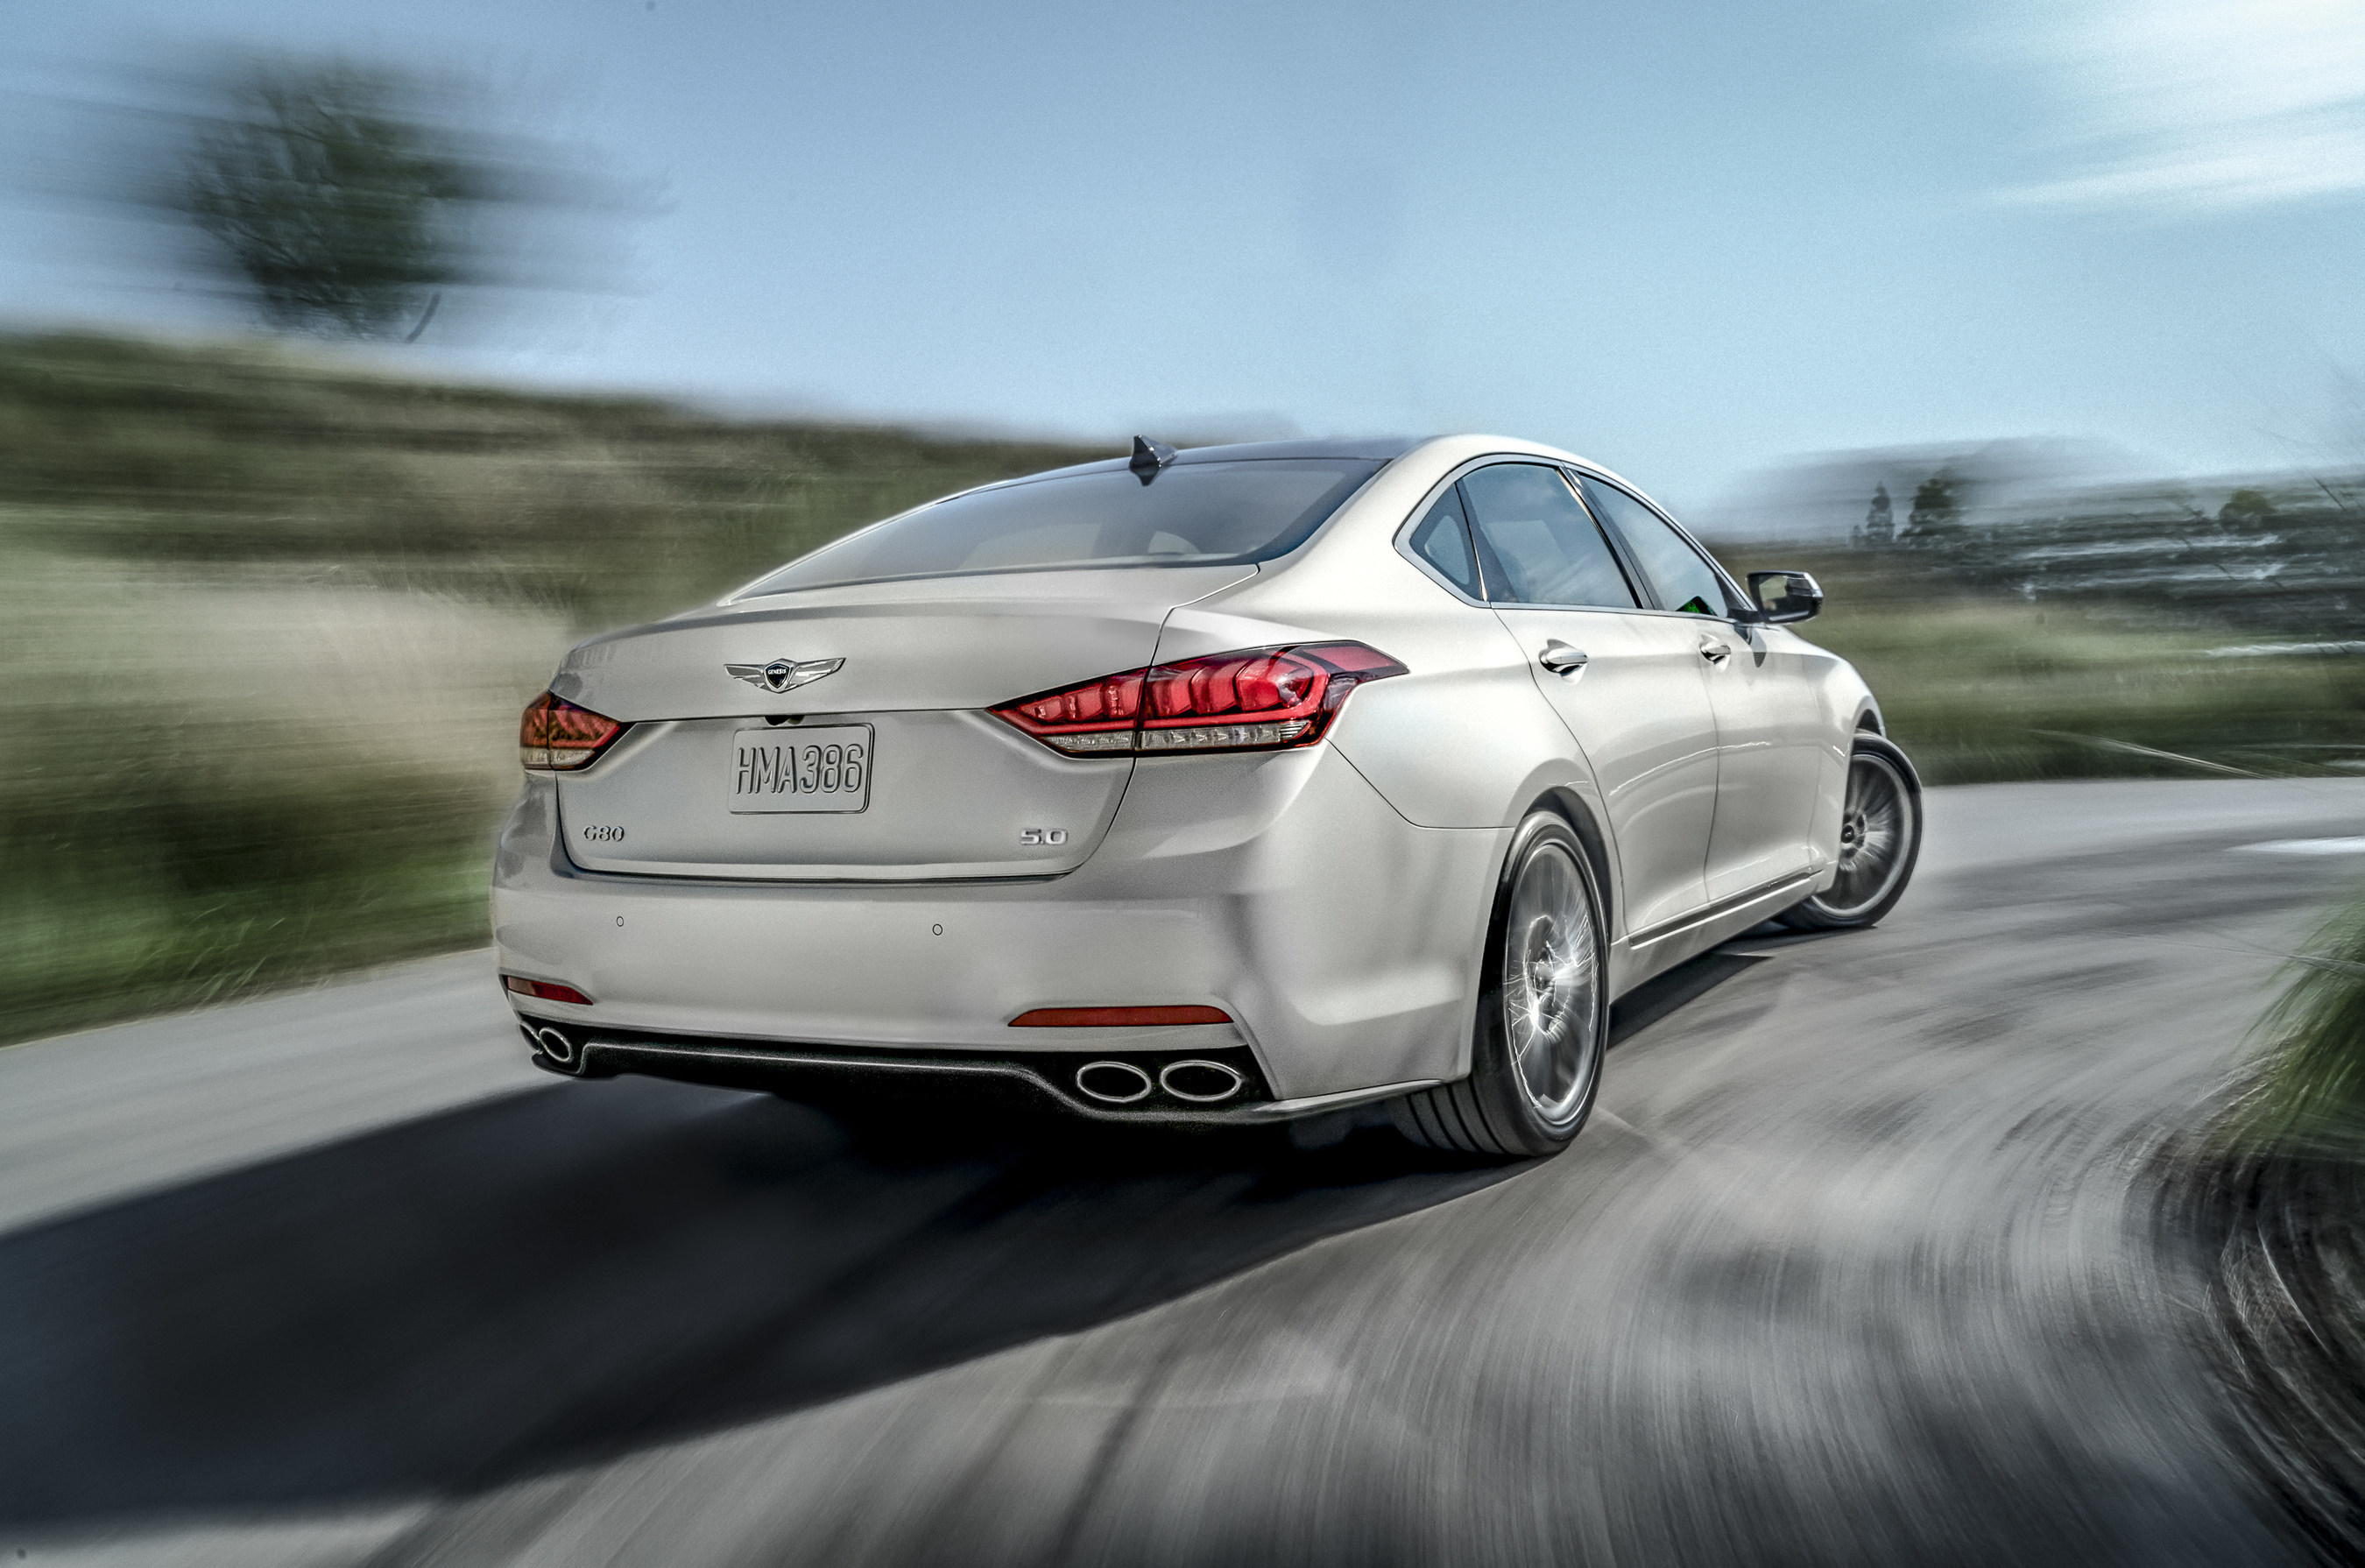 Genesis Announces Pricing For 2017 Genesis G80 Mid-Luxury Sedan